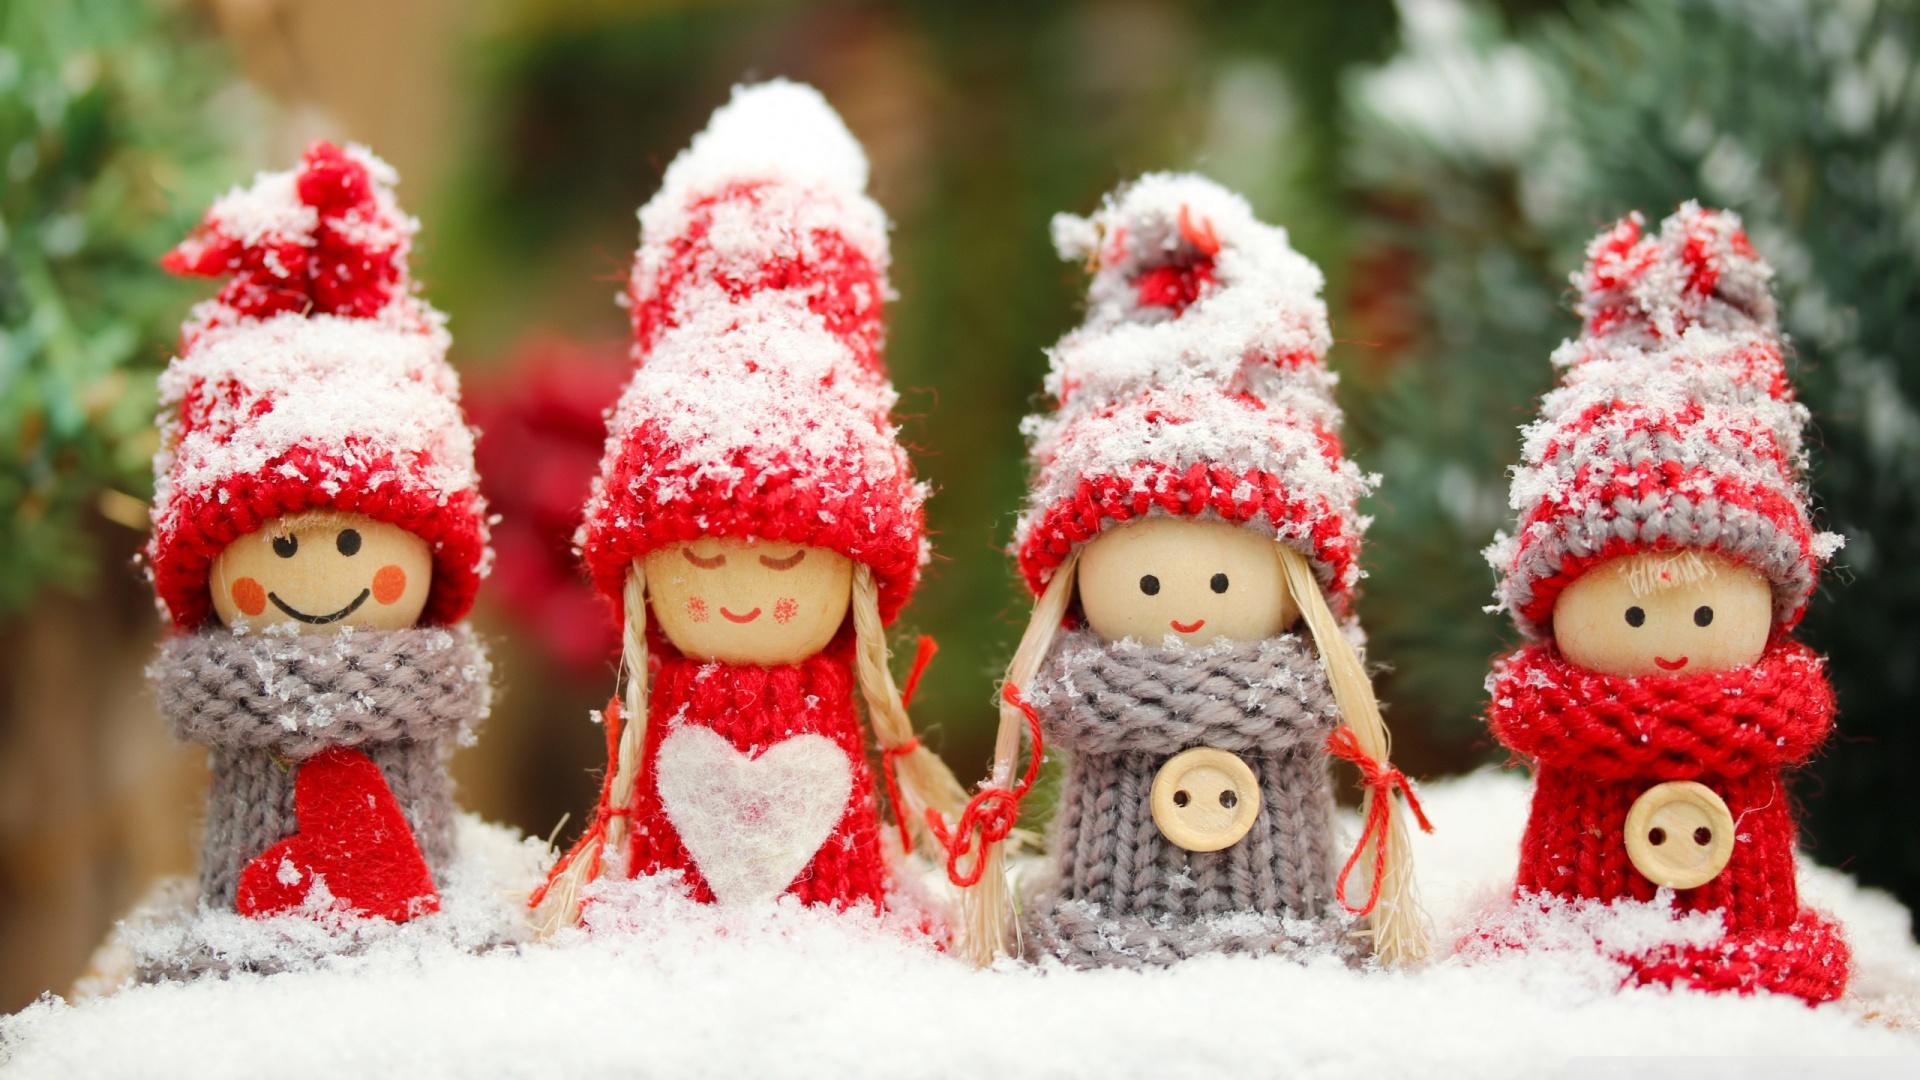 winter_dolls-wallpaper-1920x1080